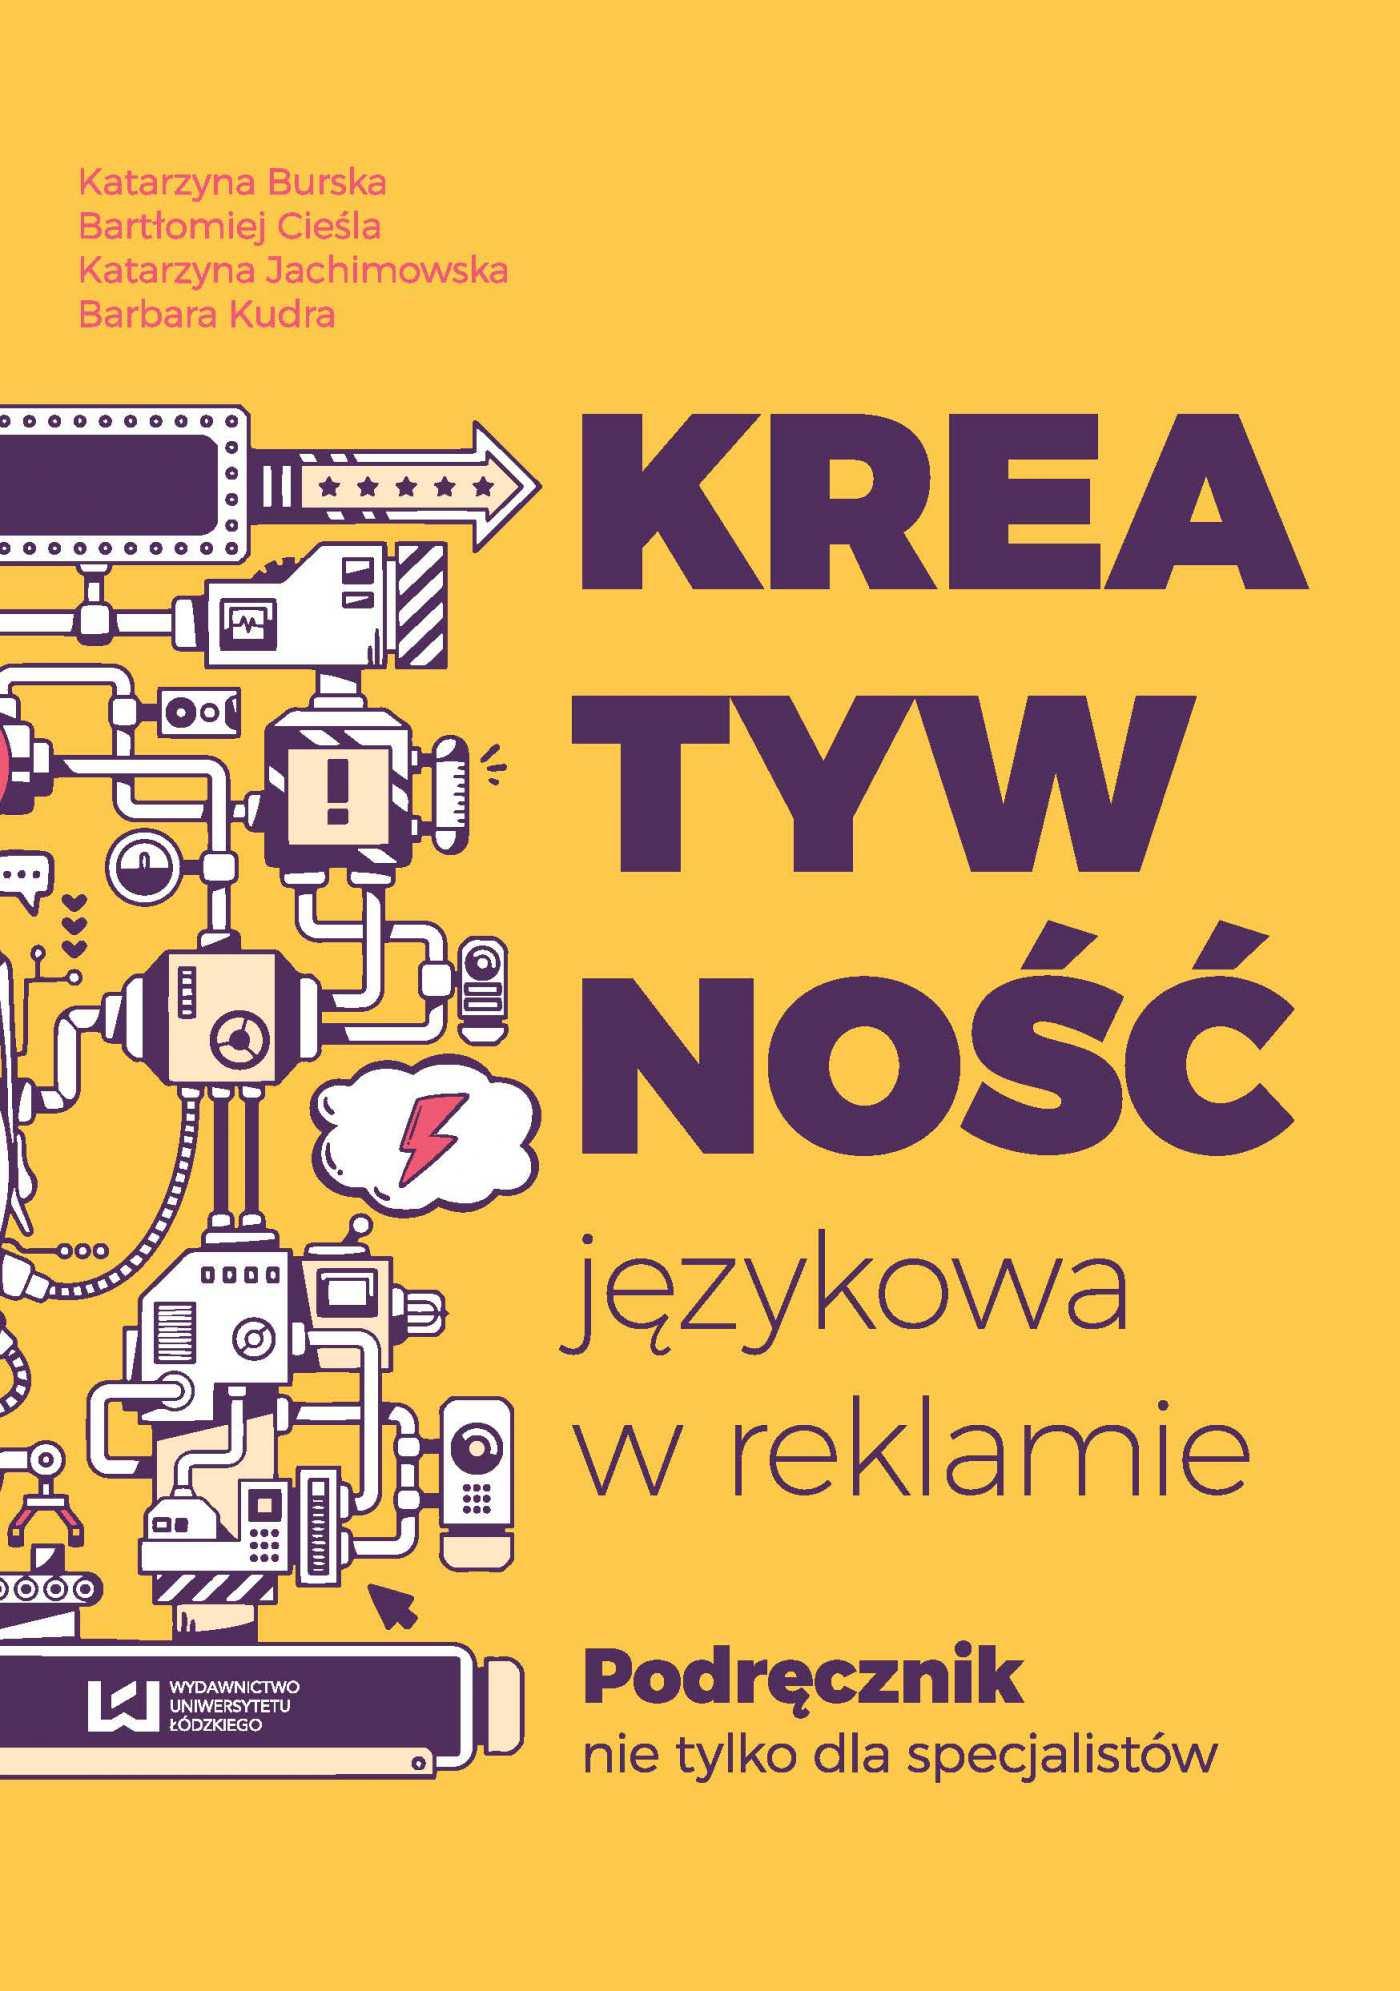 Kreatywność językowa w reklamie. Podręcznik nie tylko dla specjalistów - Ebook (Książka na Kindle) do pobrania w formacie MOBI